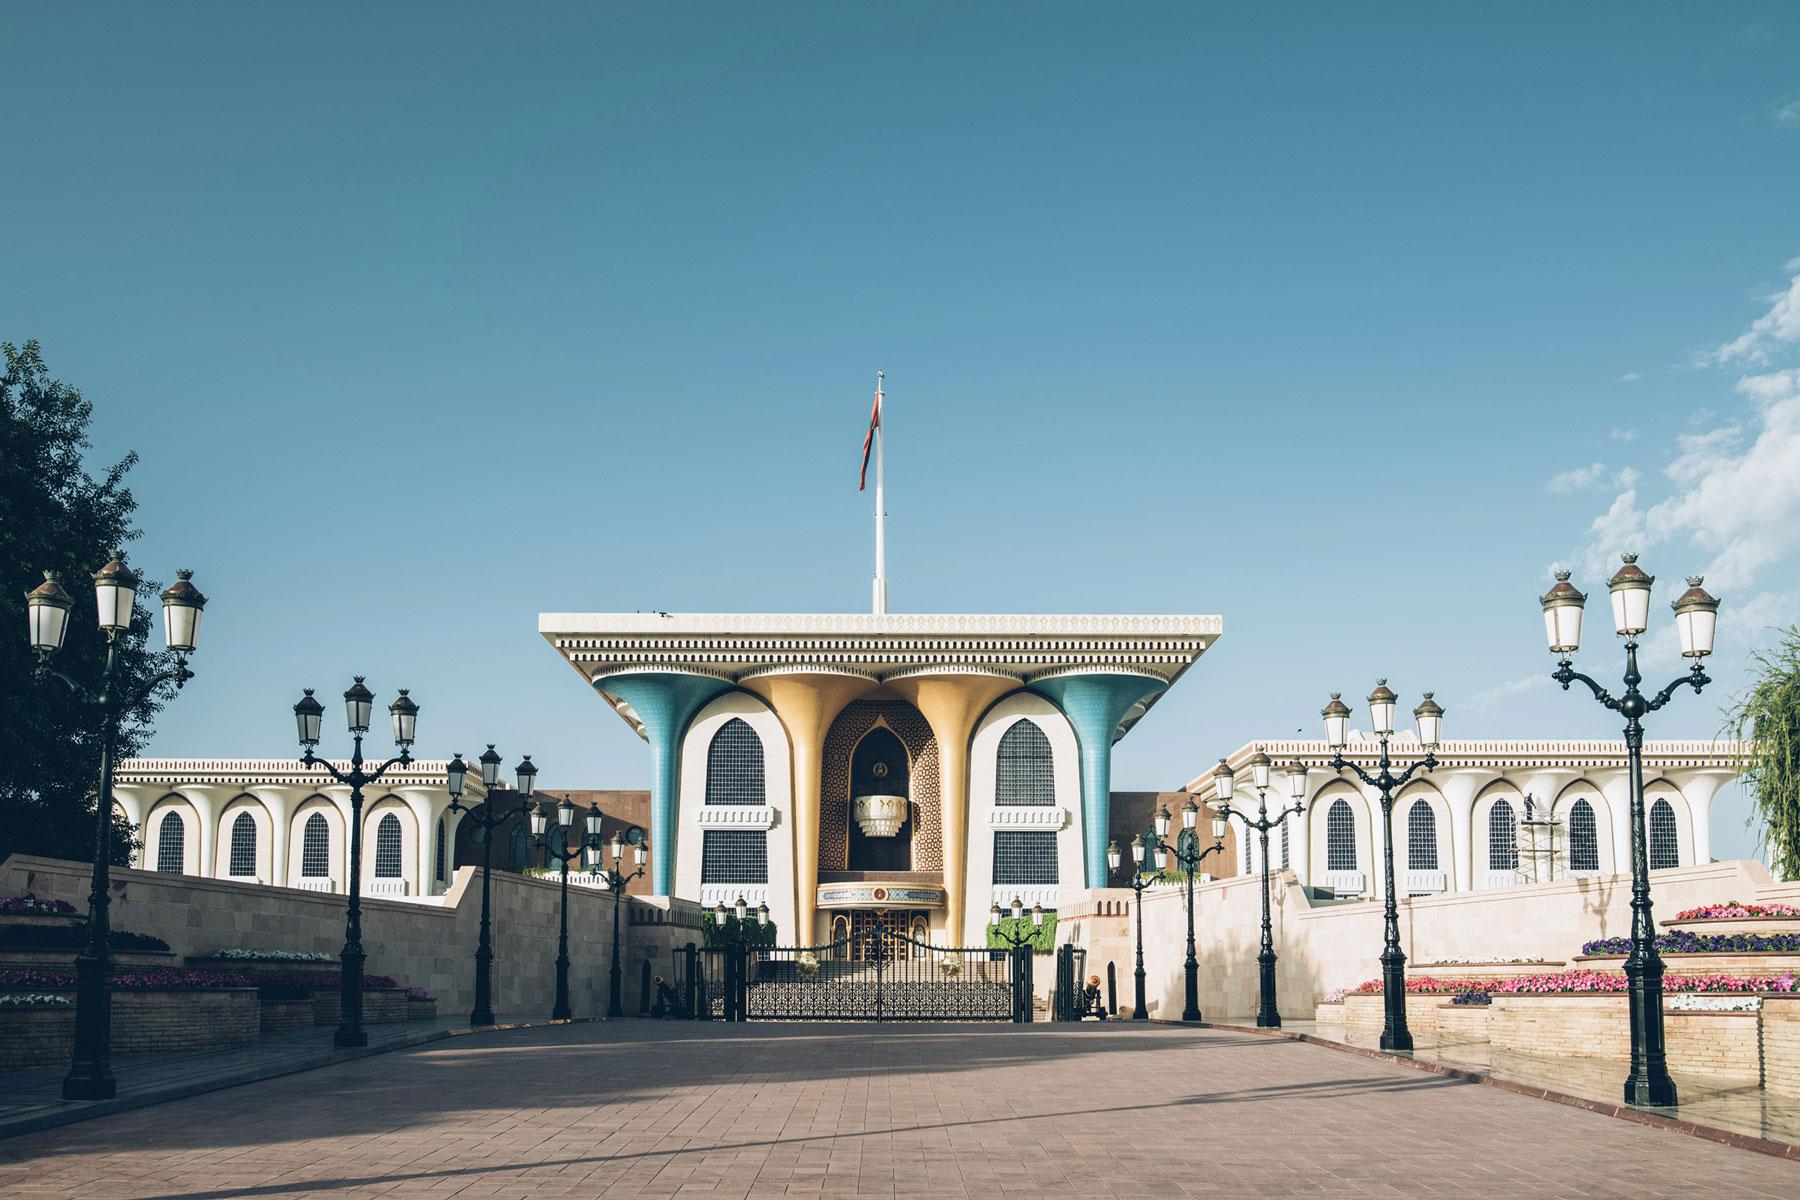 Palais du Sultant, Oman